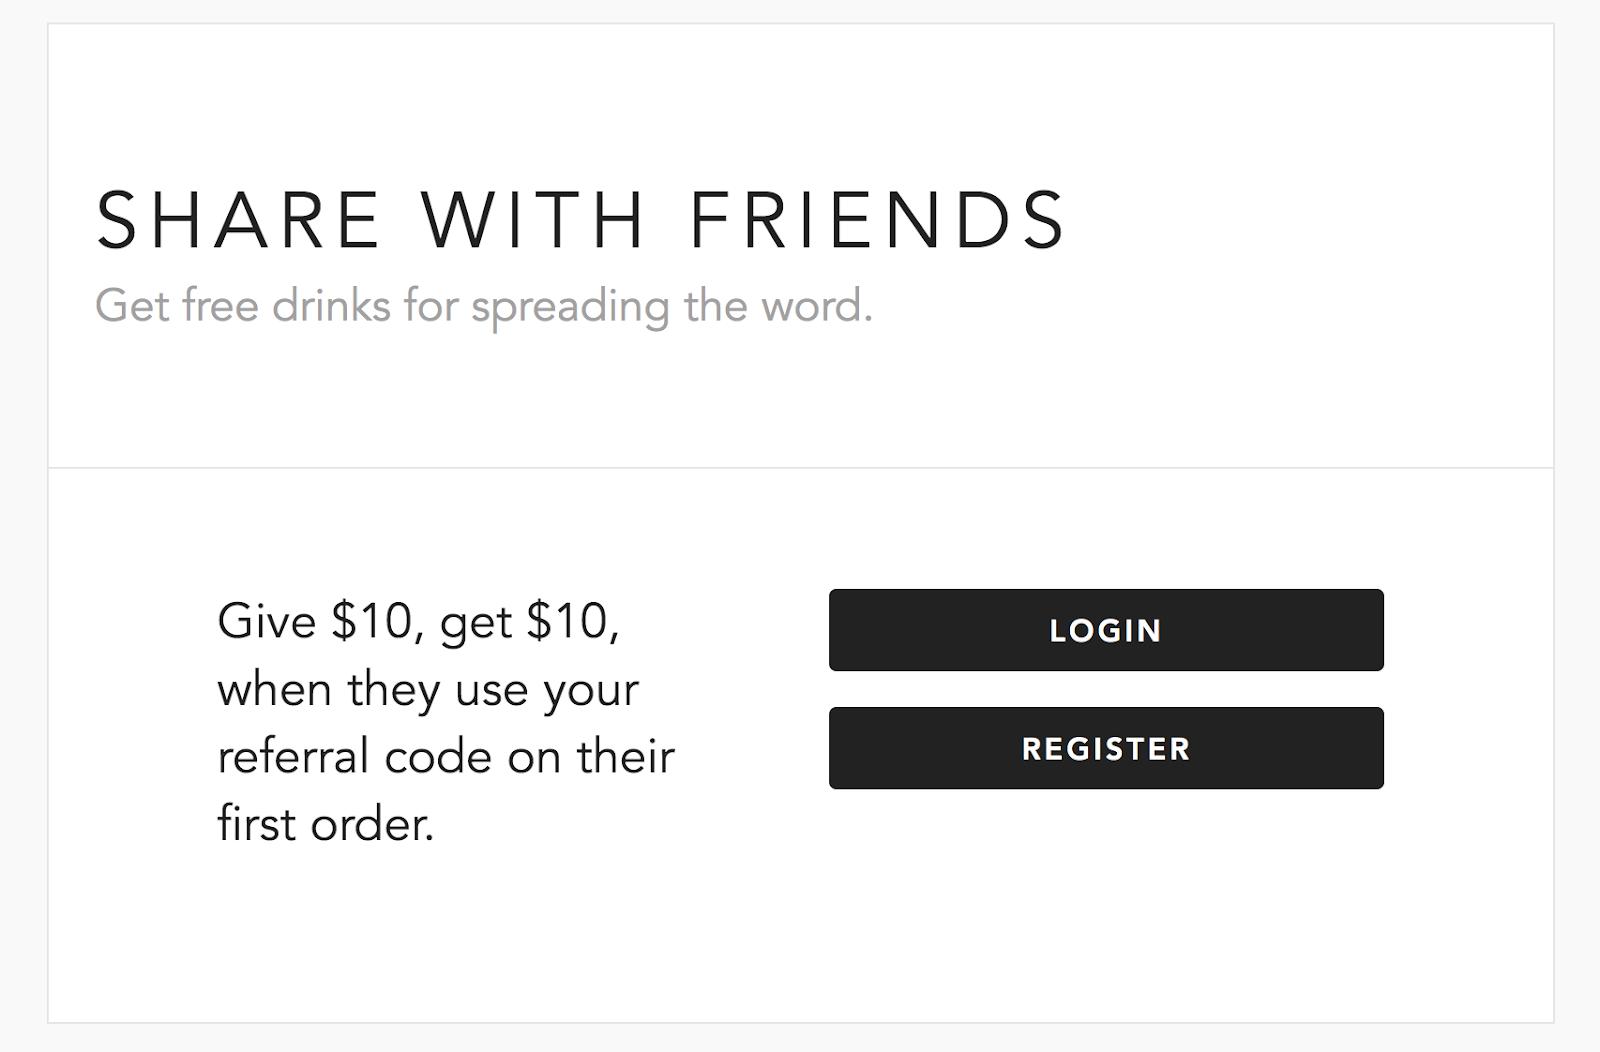 La página para registrarse en Minibar y ahorrar $10 con un código de referencia